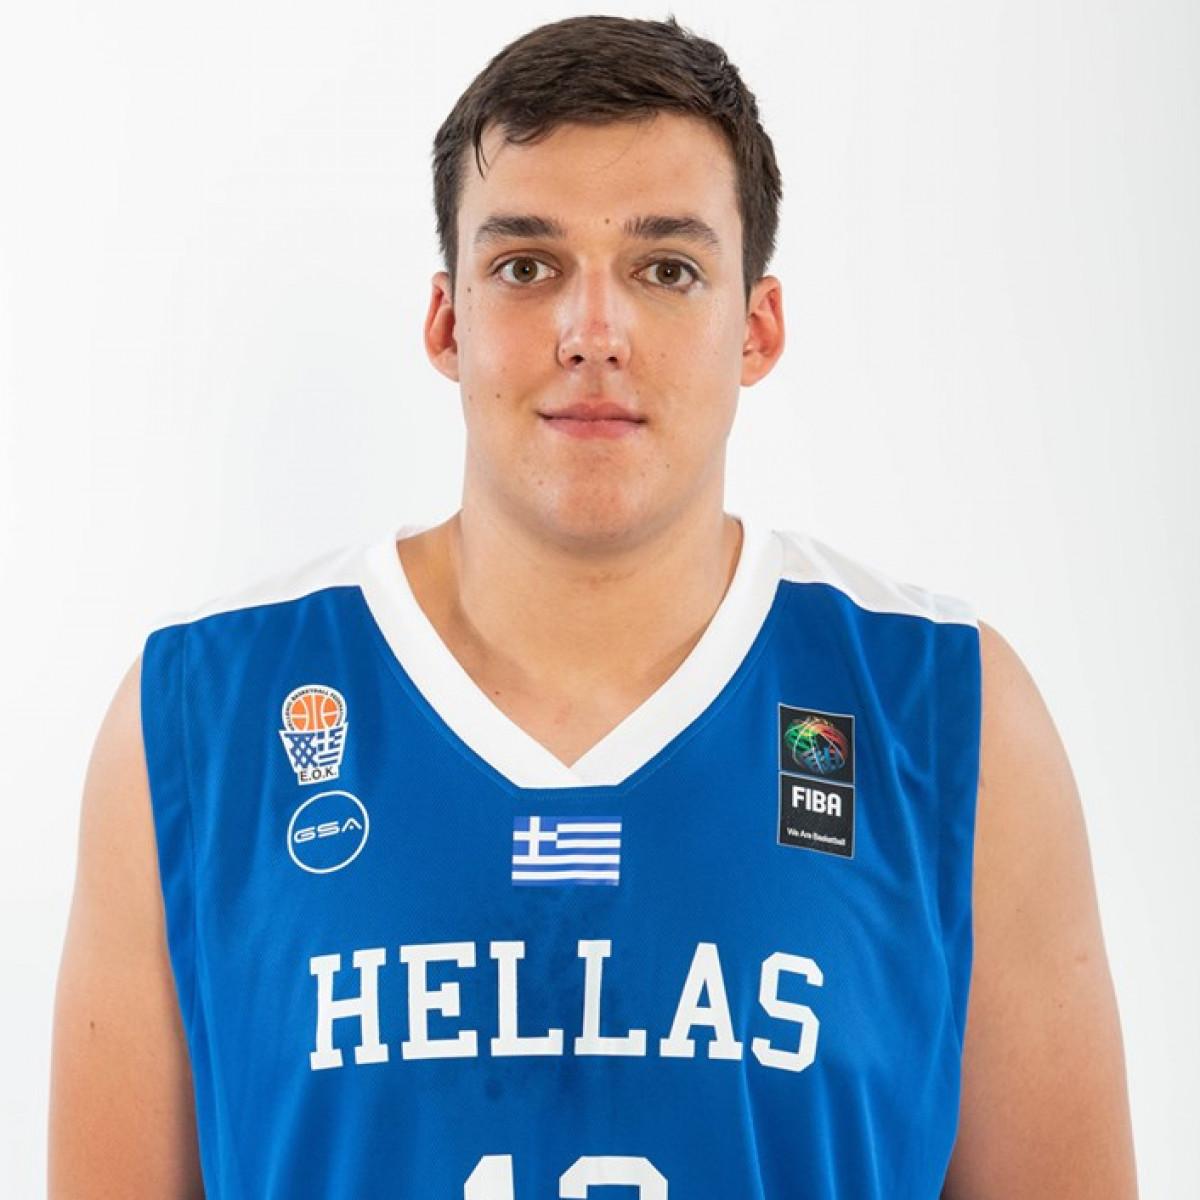 Photo of Konstantinos Kadras, 2019-2020 season